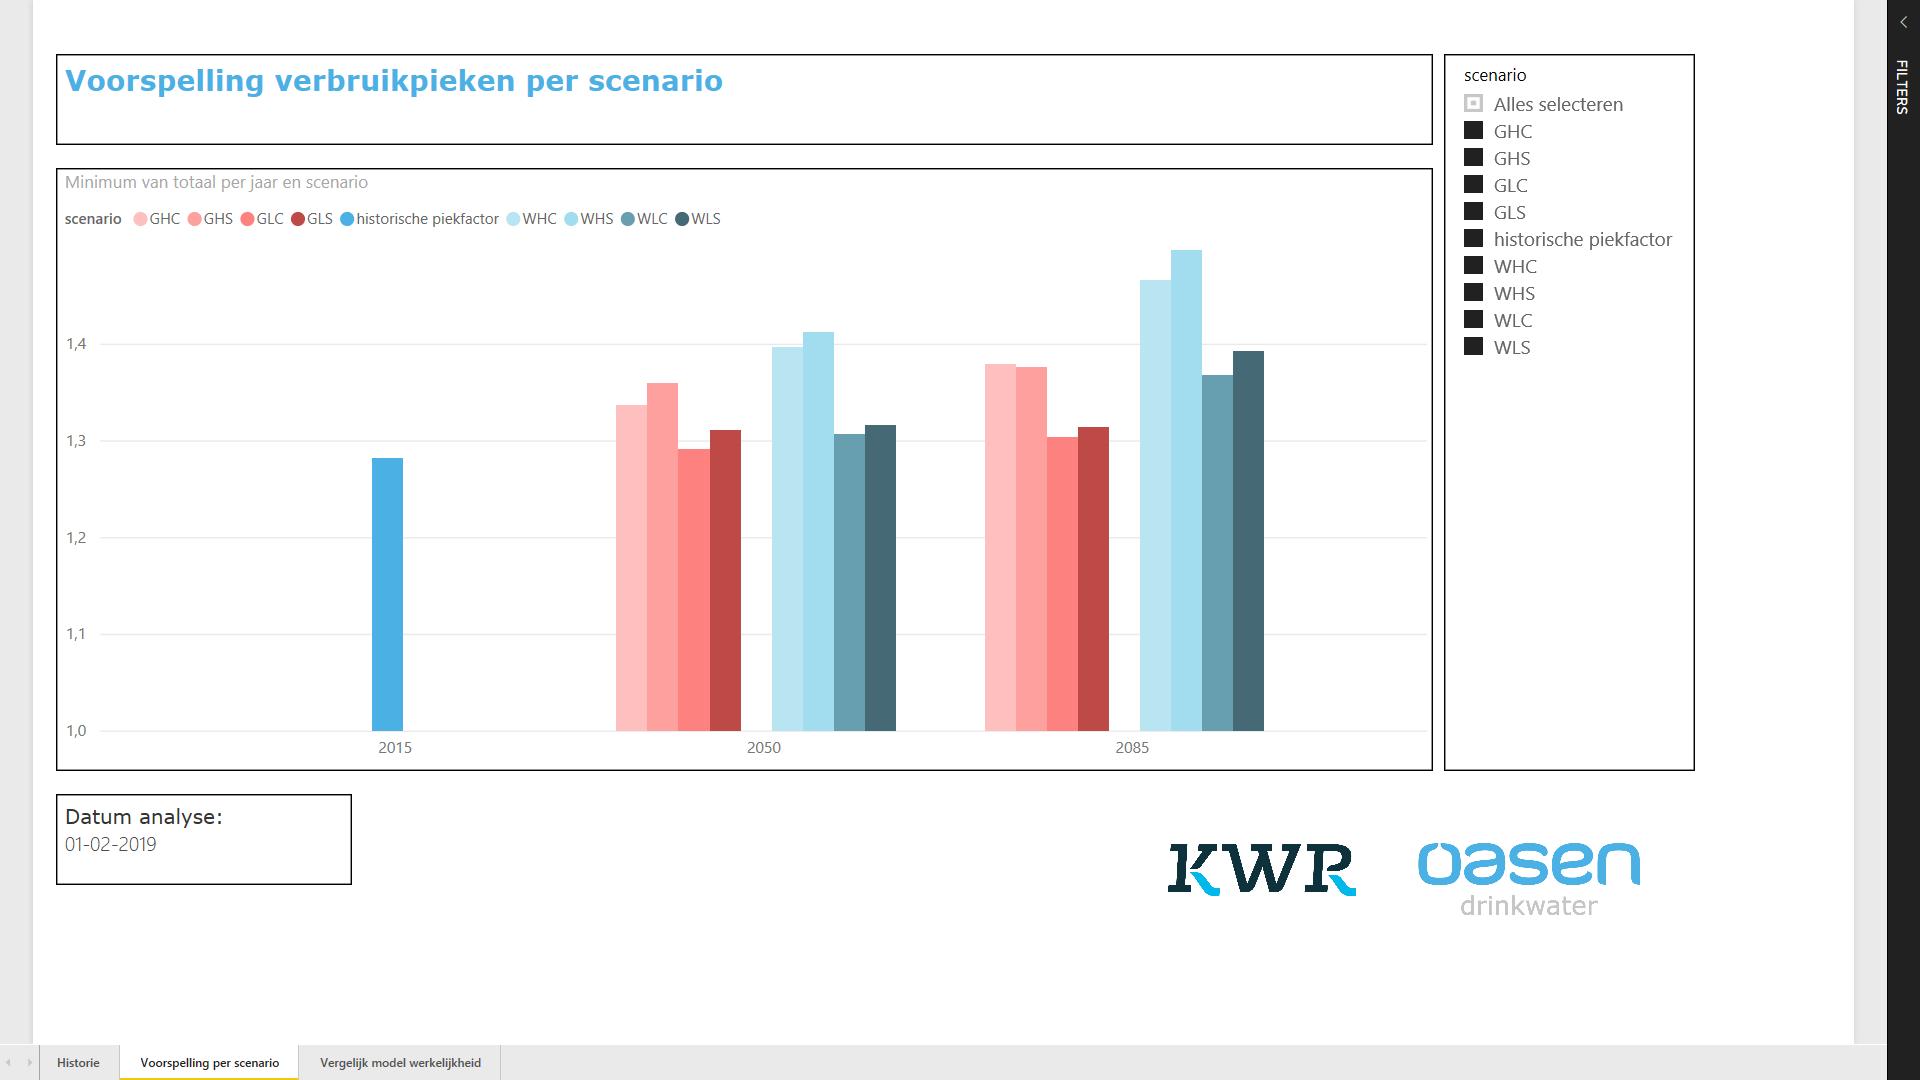 KWR heeft het zelflerende machine learning model EDWARD bij drinkwaterbedrijf Oasen getraind met grote hoeveelheden historische data.